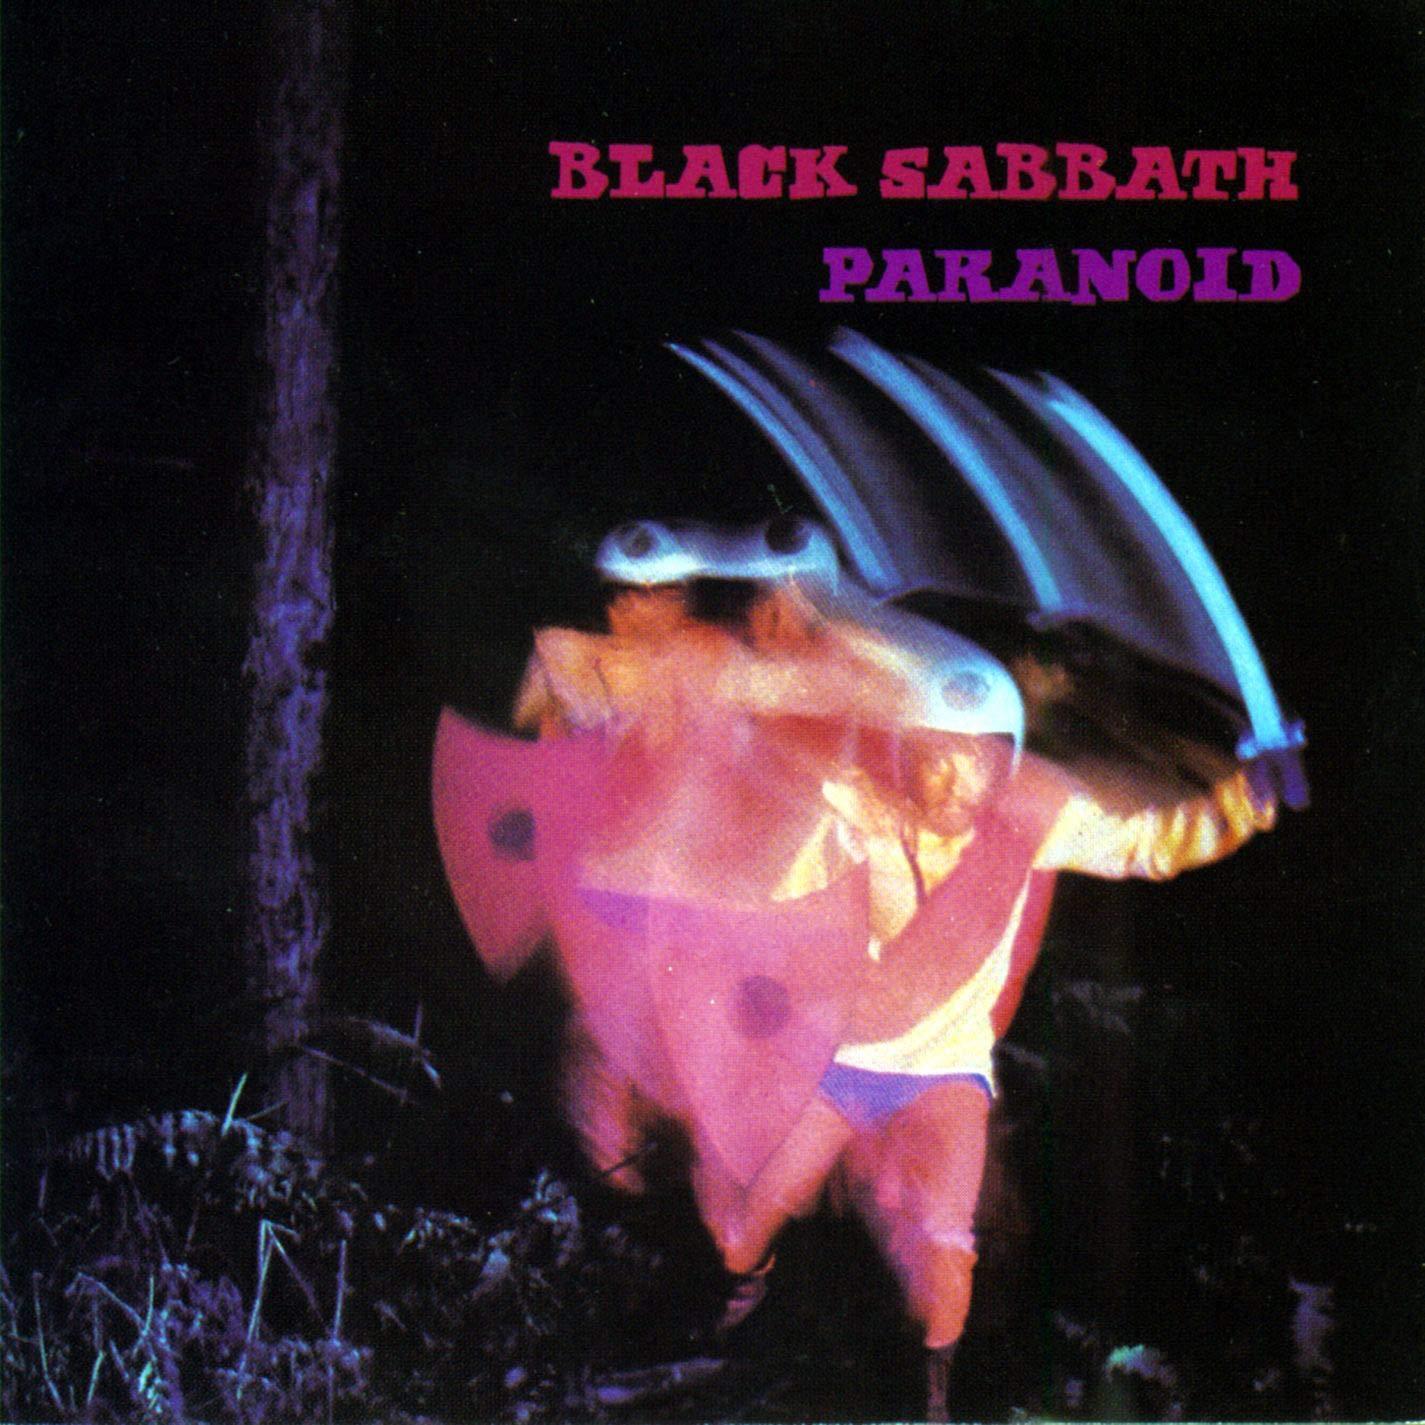 Les N'importe-Quoi d'Ahasverus : BLACK SABBATH, Paranoid (1970)